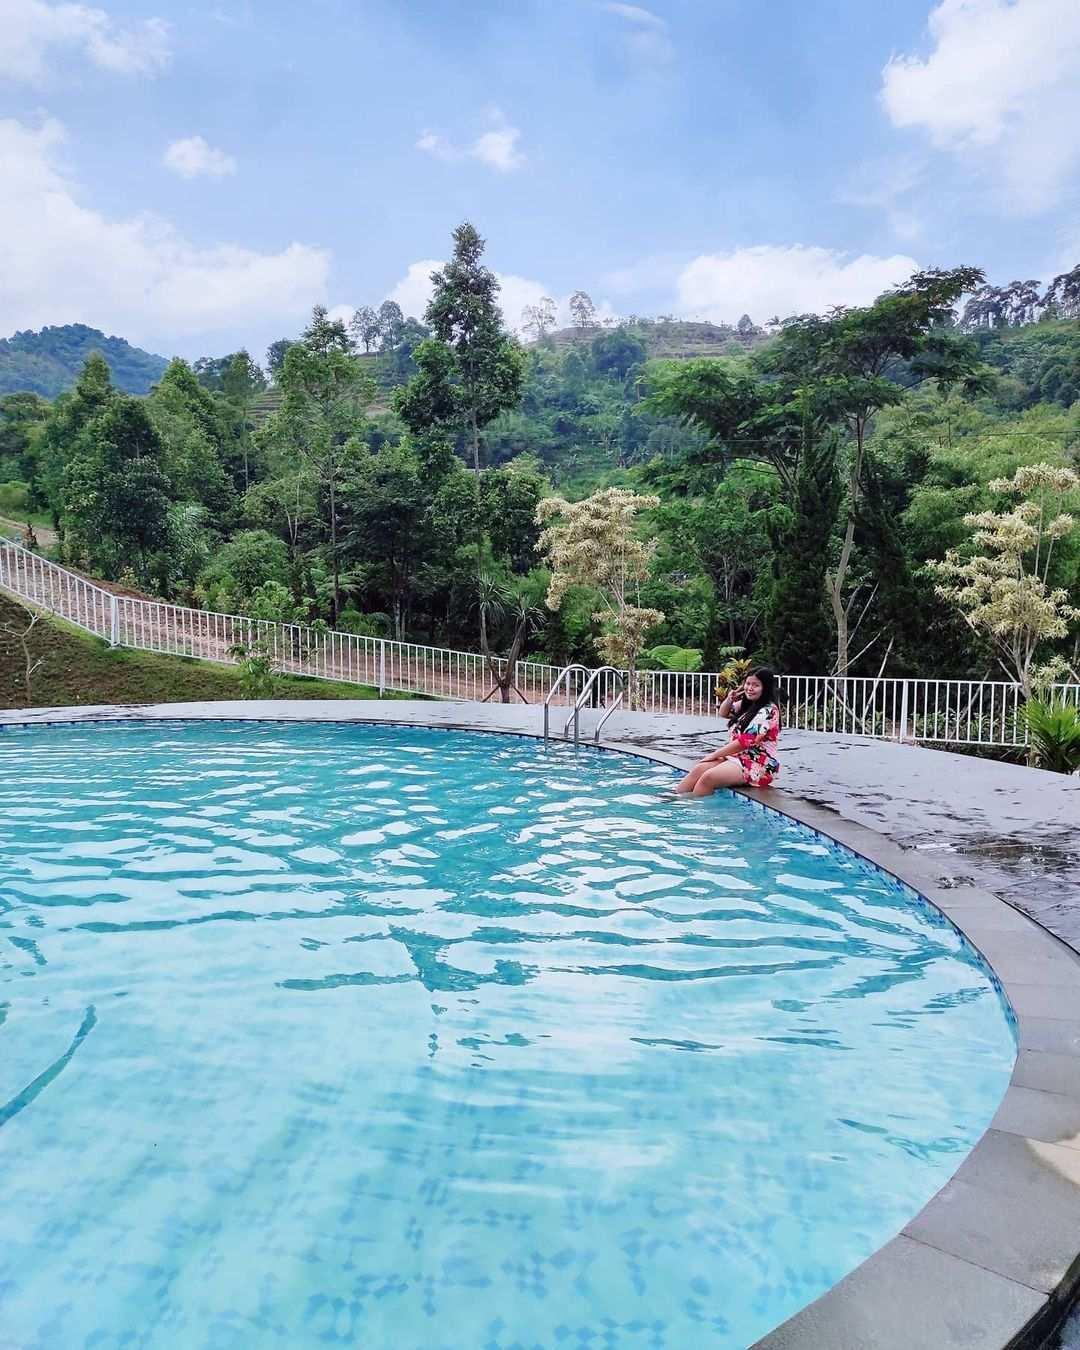 Berenang di Palemboko Sentul Farm Field Bogor Image From @diena.saraswaty